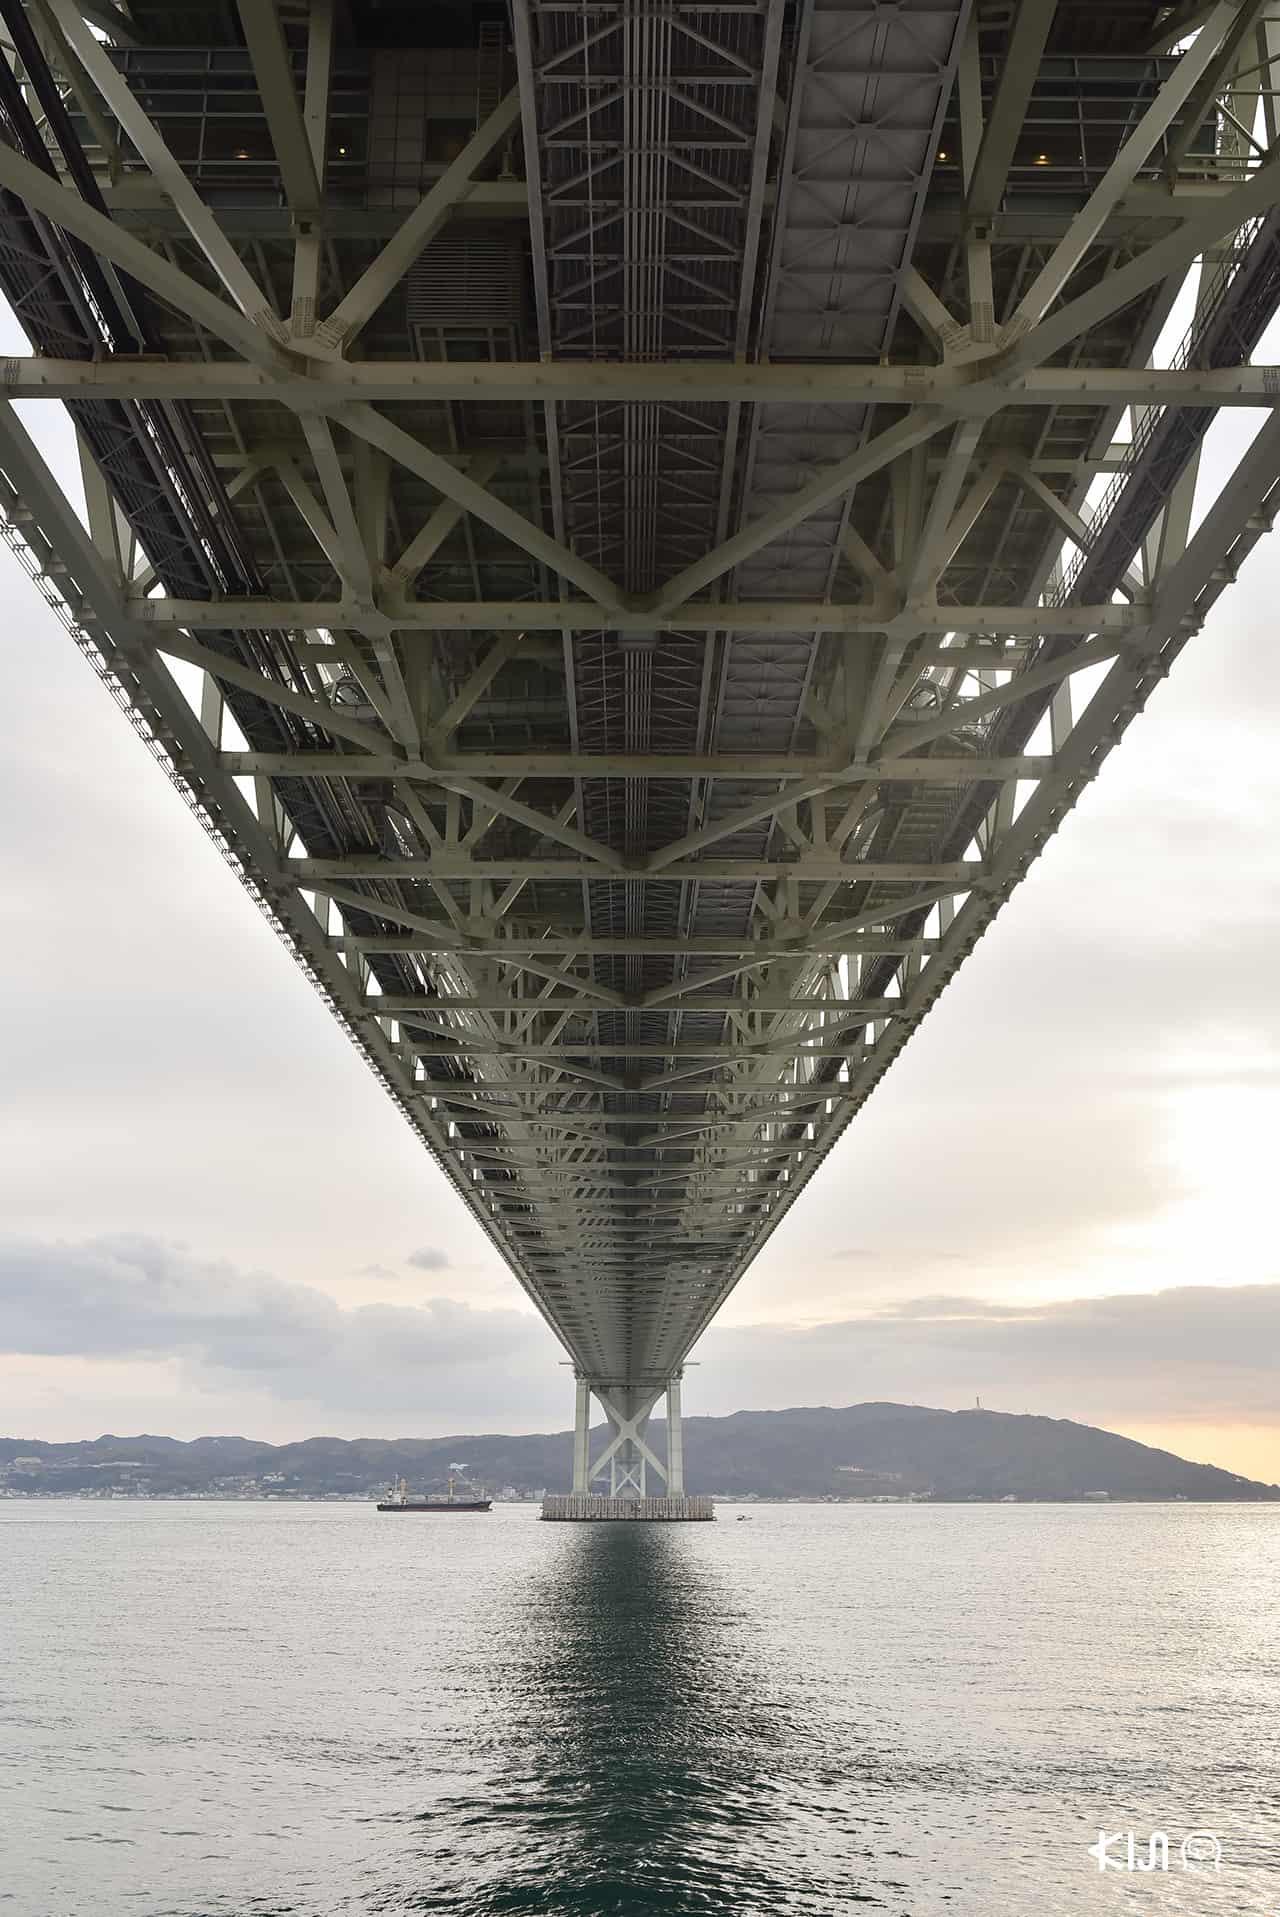 สะพานอาคาชิไคเกียว (Akashi Kaikyo Bridge) สะพานแขวนที่ยาวที่สุดในโลก